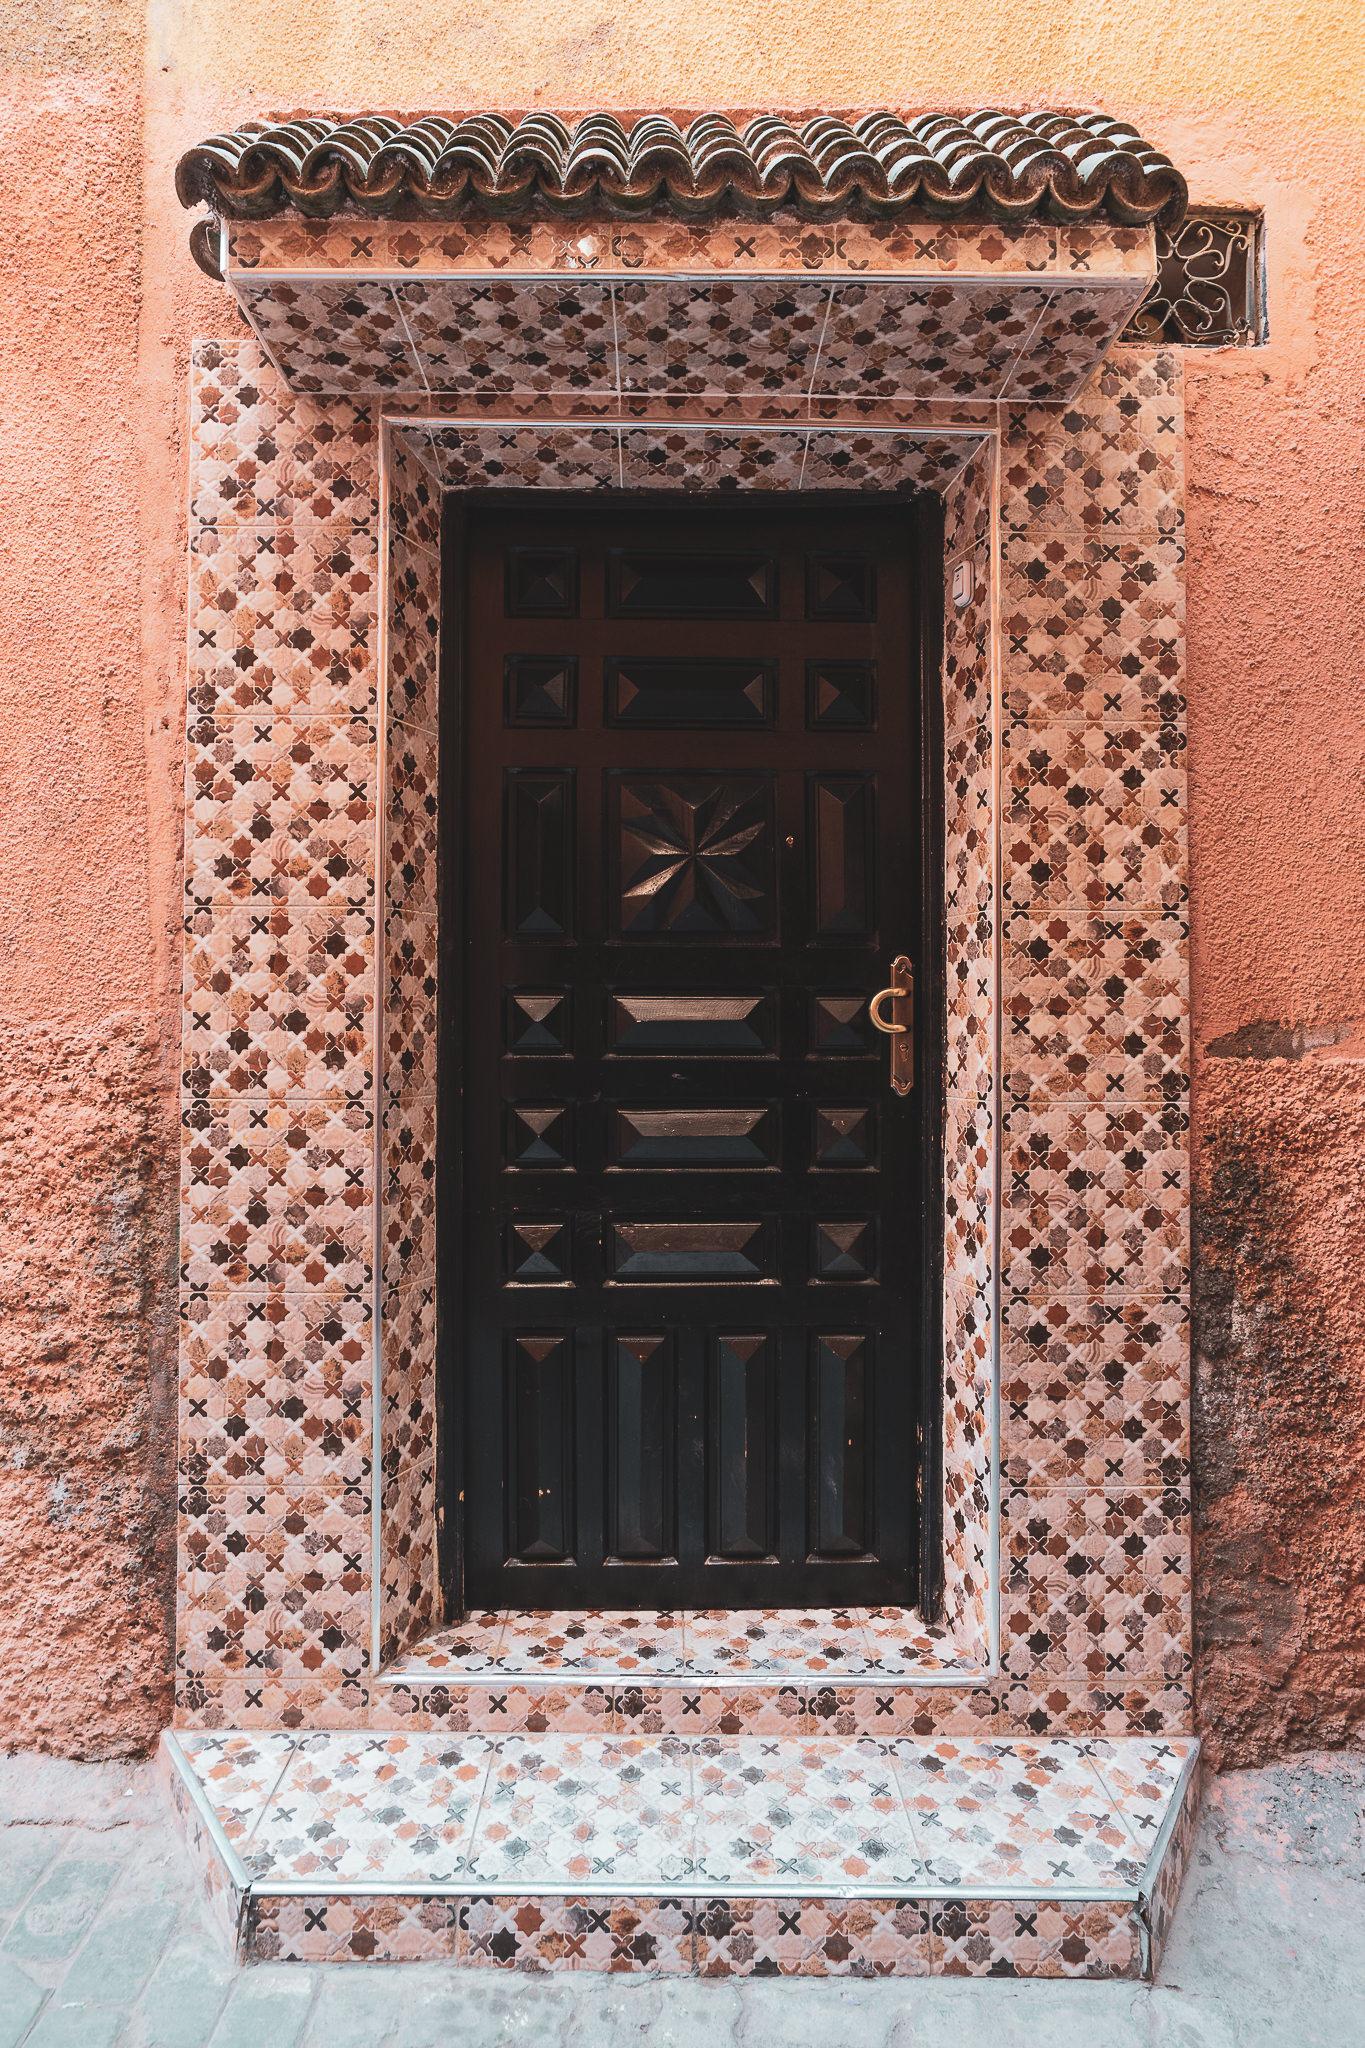 Marrakech ornate door #5